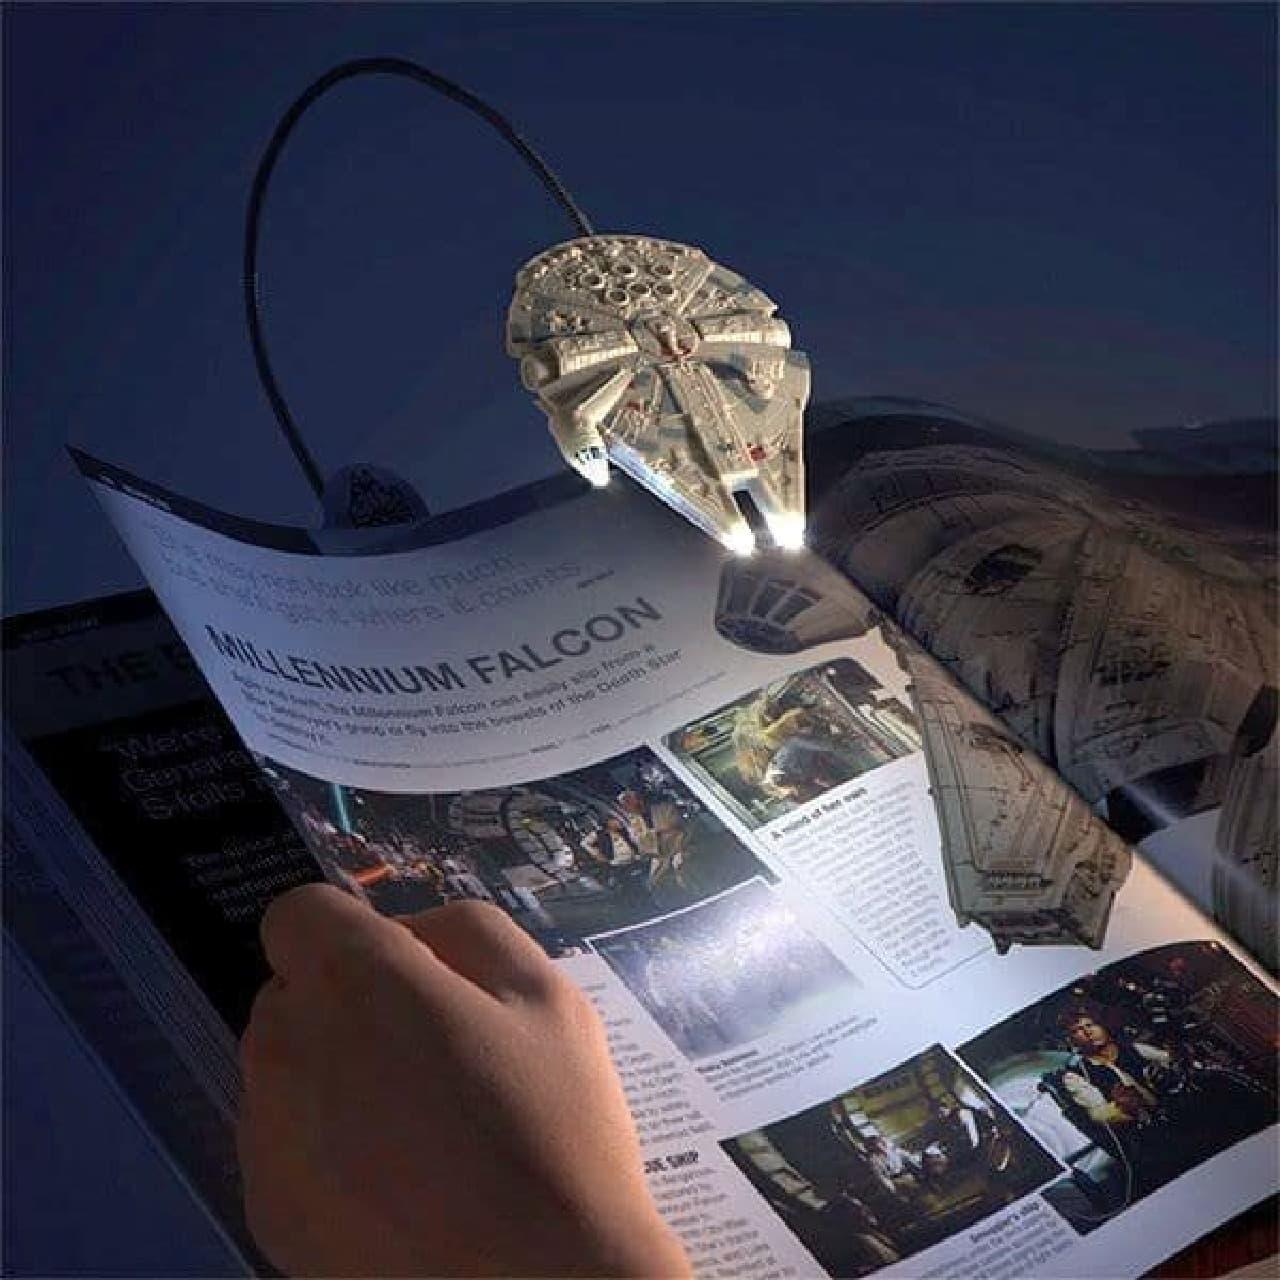 ミレニアム・ファルコン型のブックライト「Millennium Falcon Book Light」